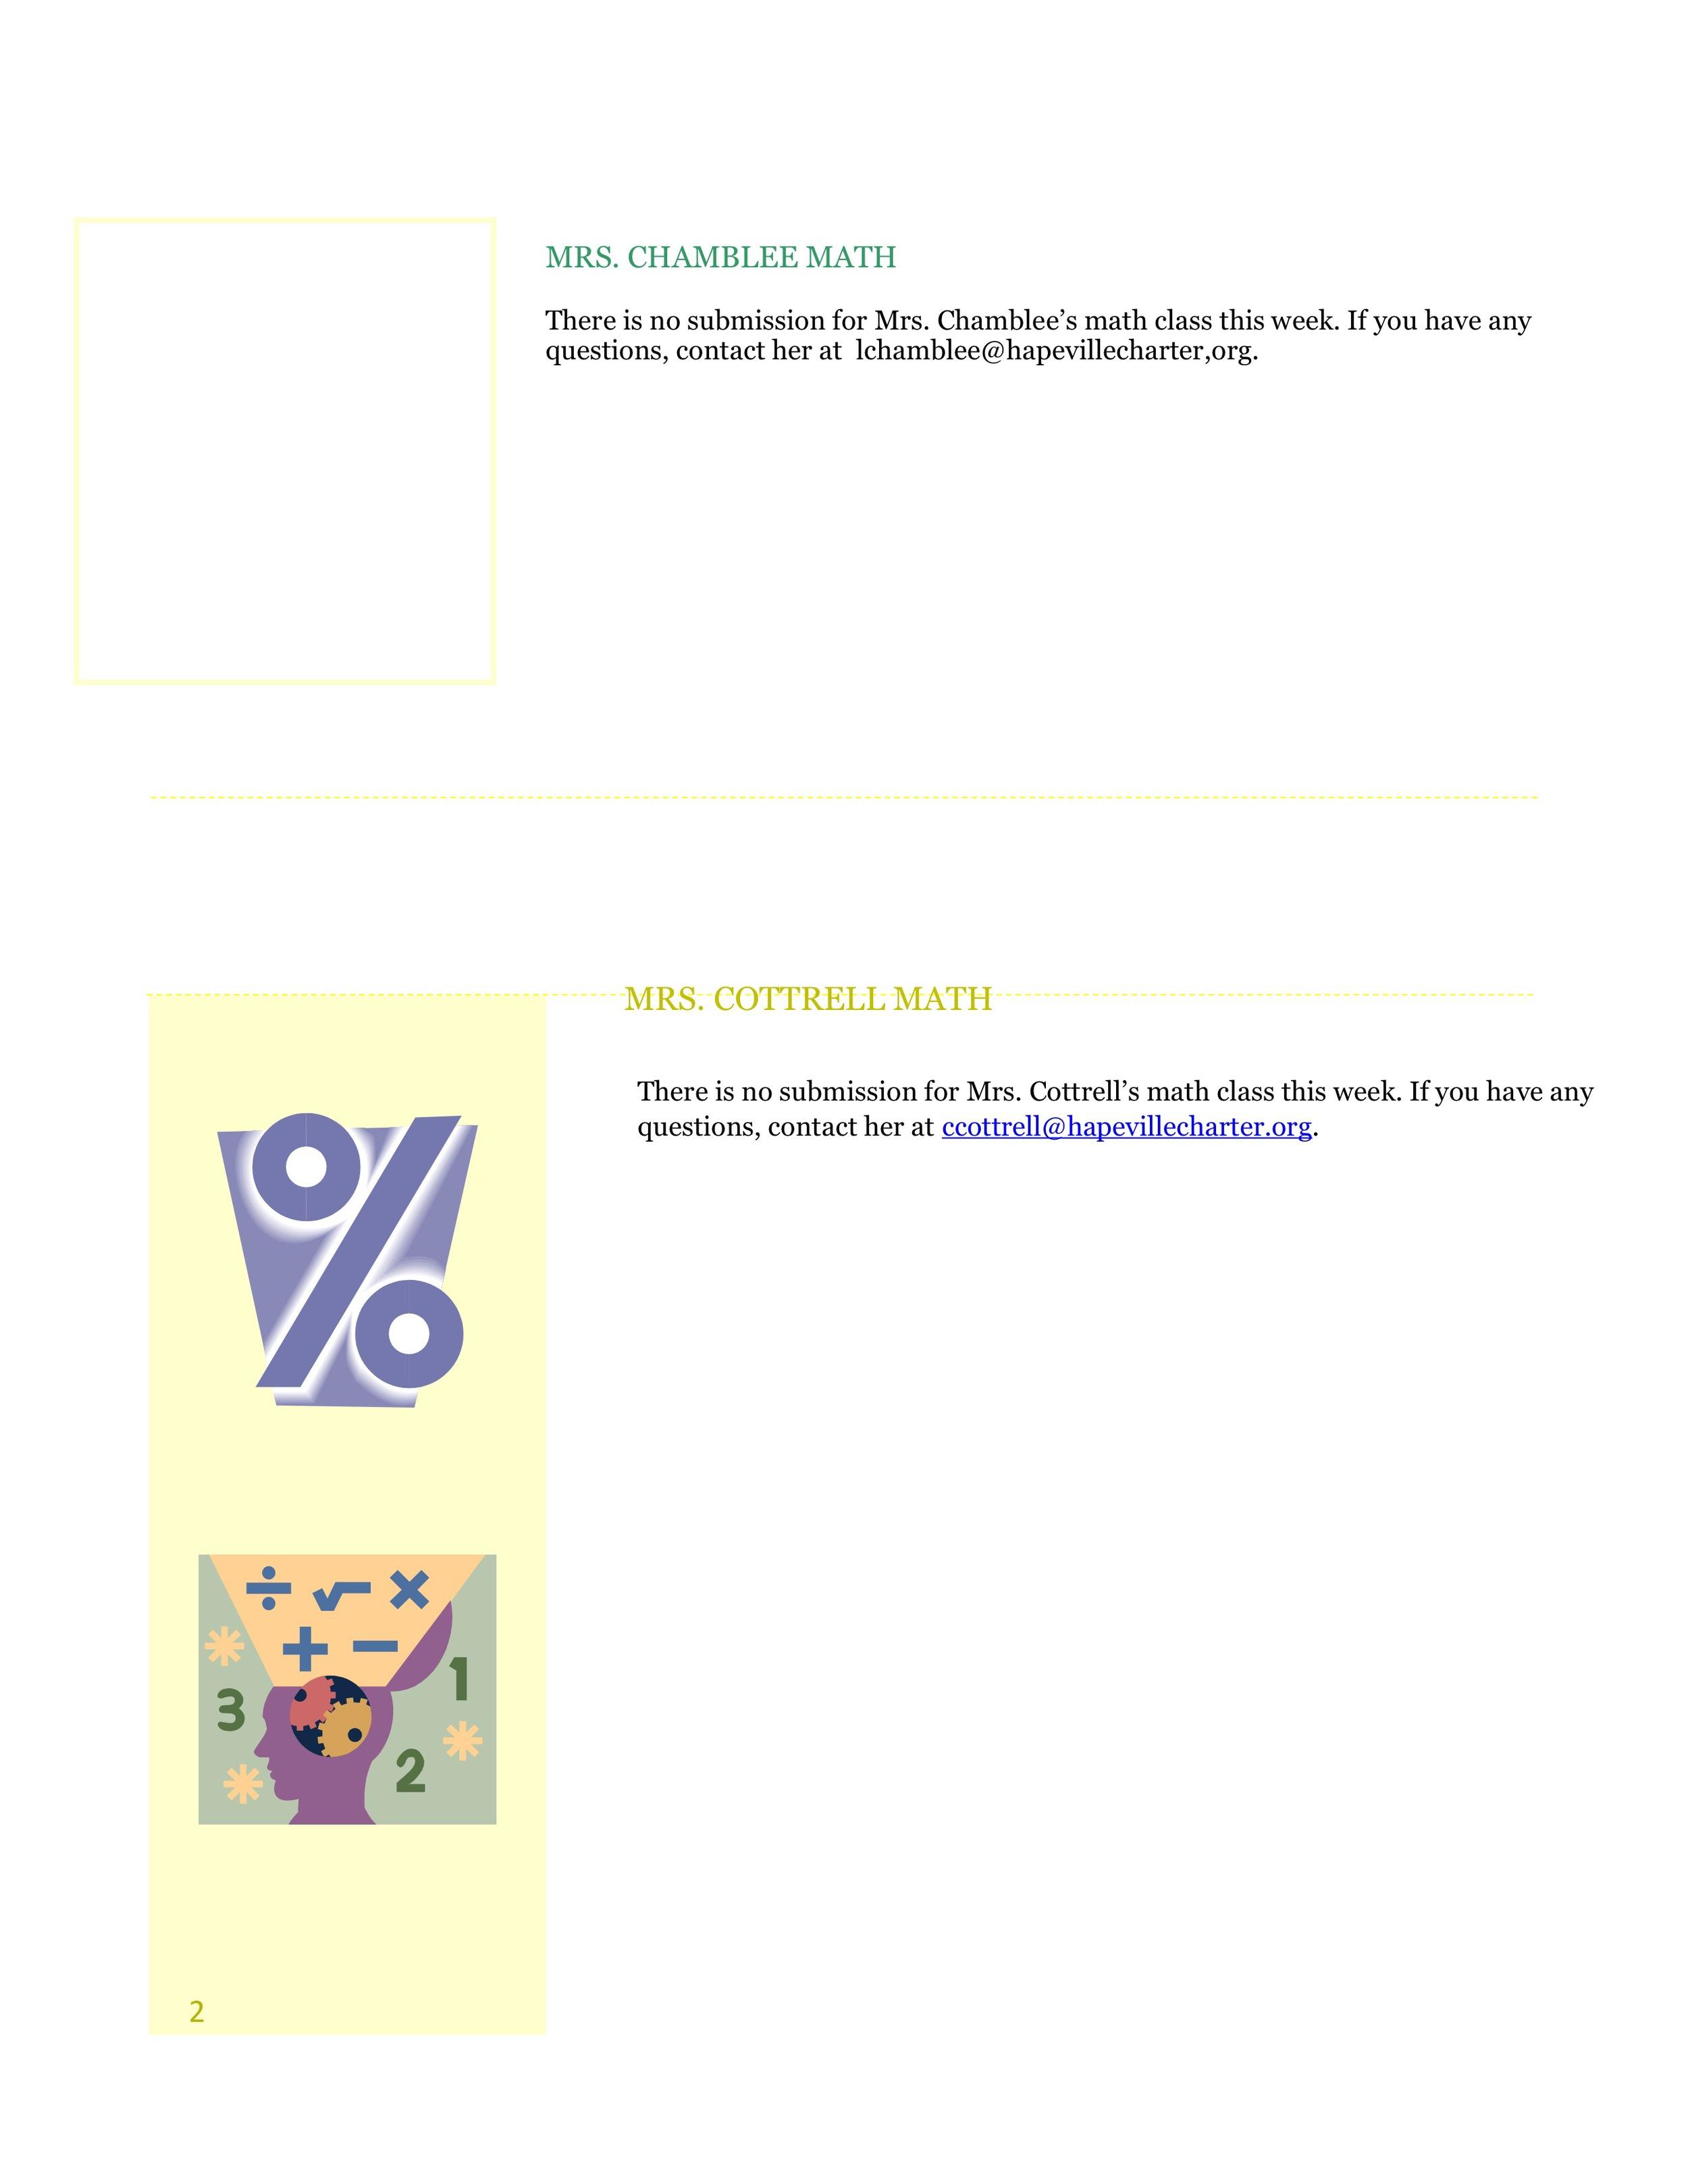 Newsletter Image6th grade April 20-24 2.jpeg